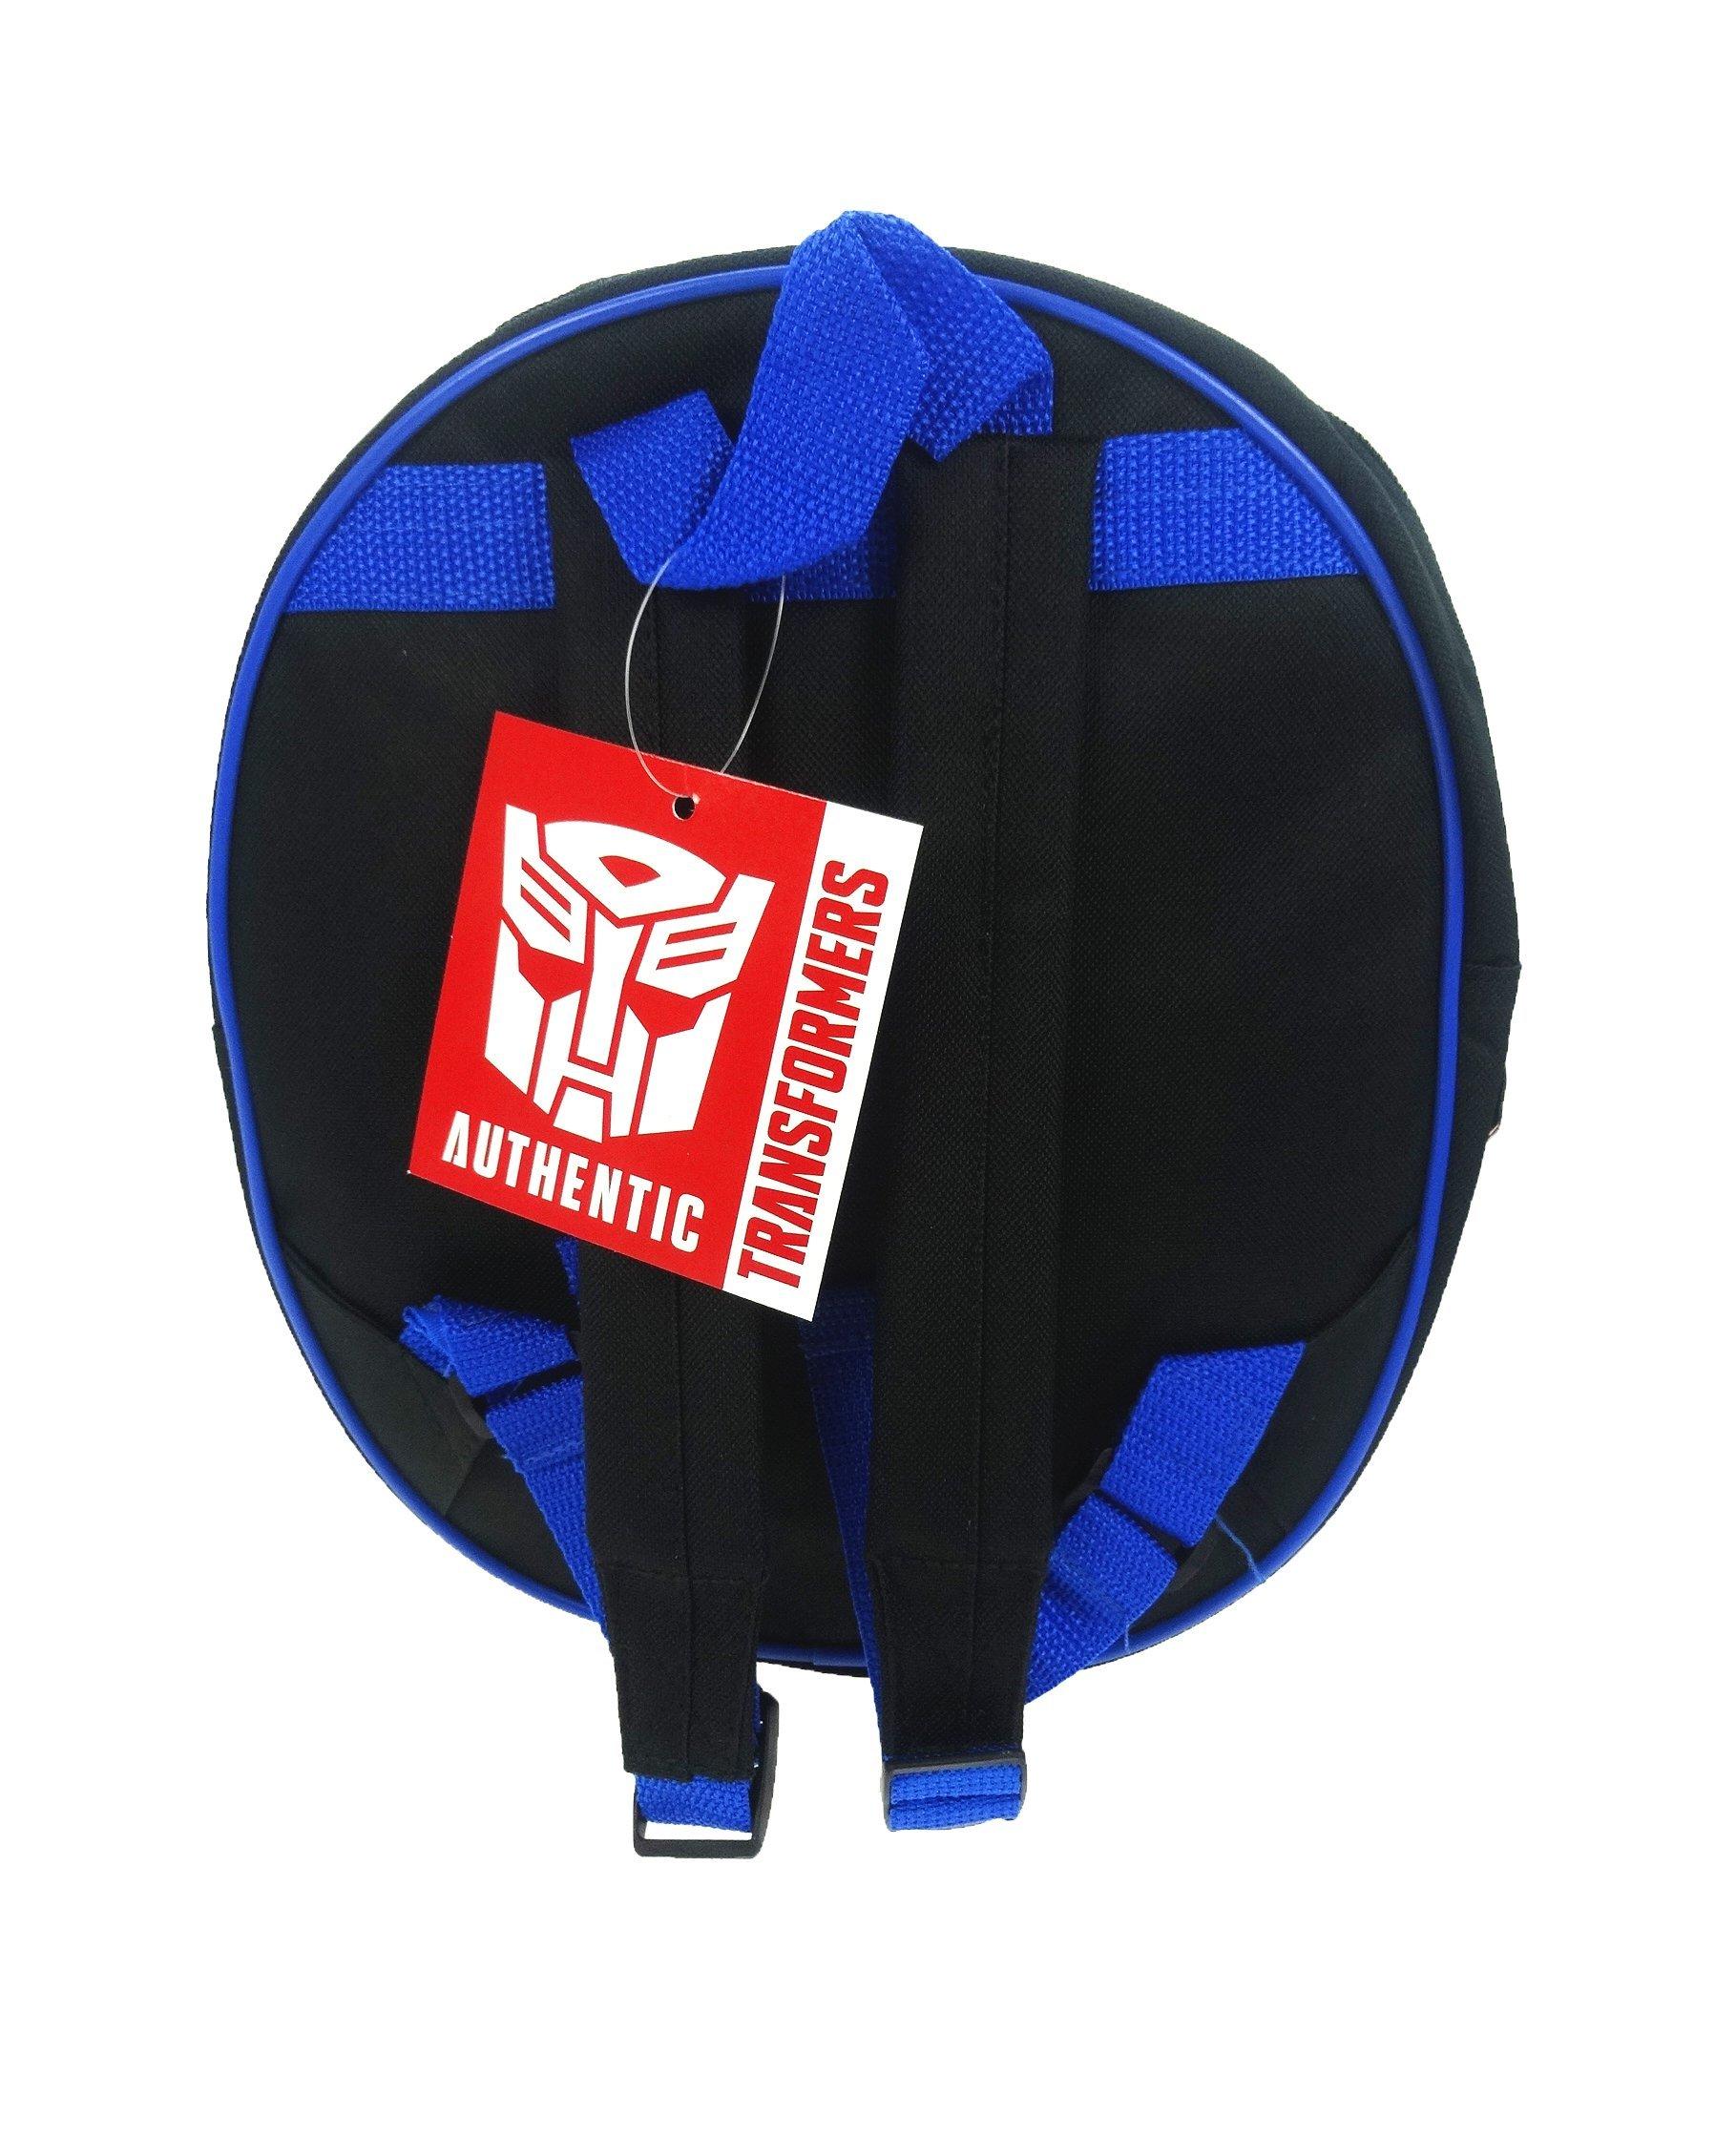 81AvzozLLRL - Transformers Novelty Mochila